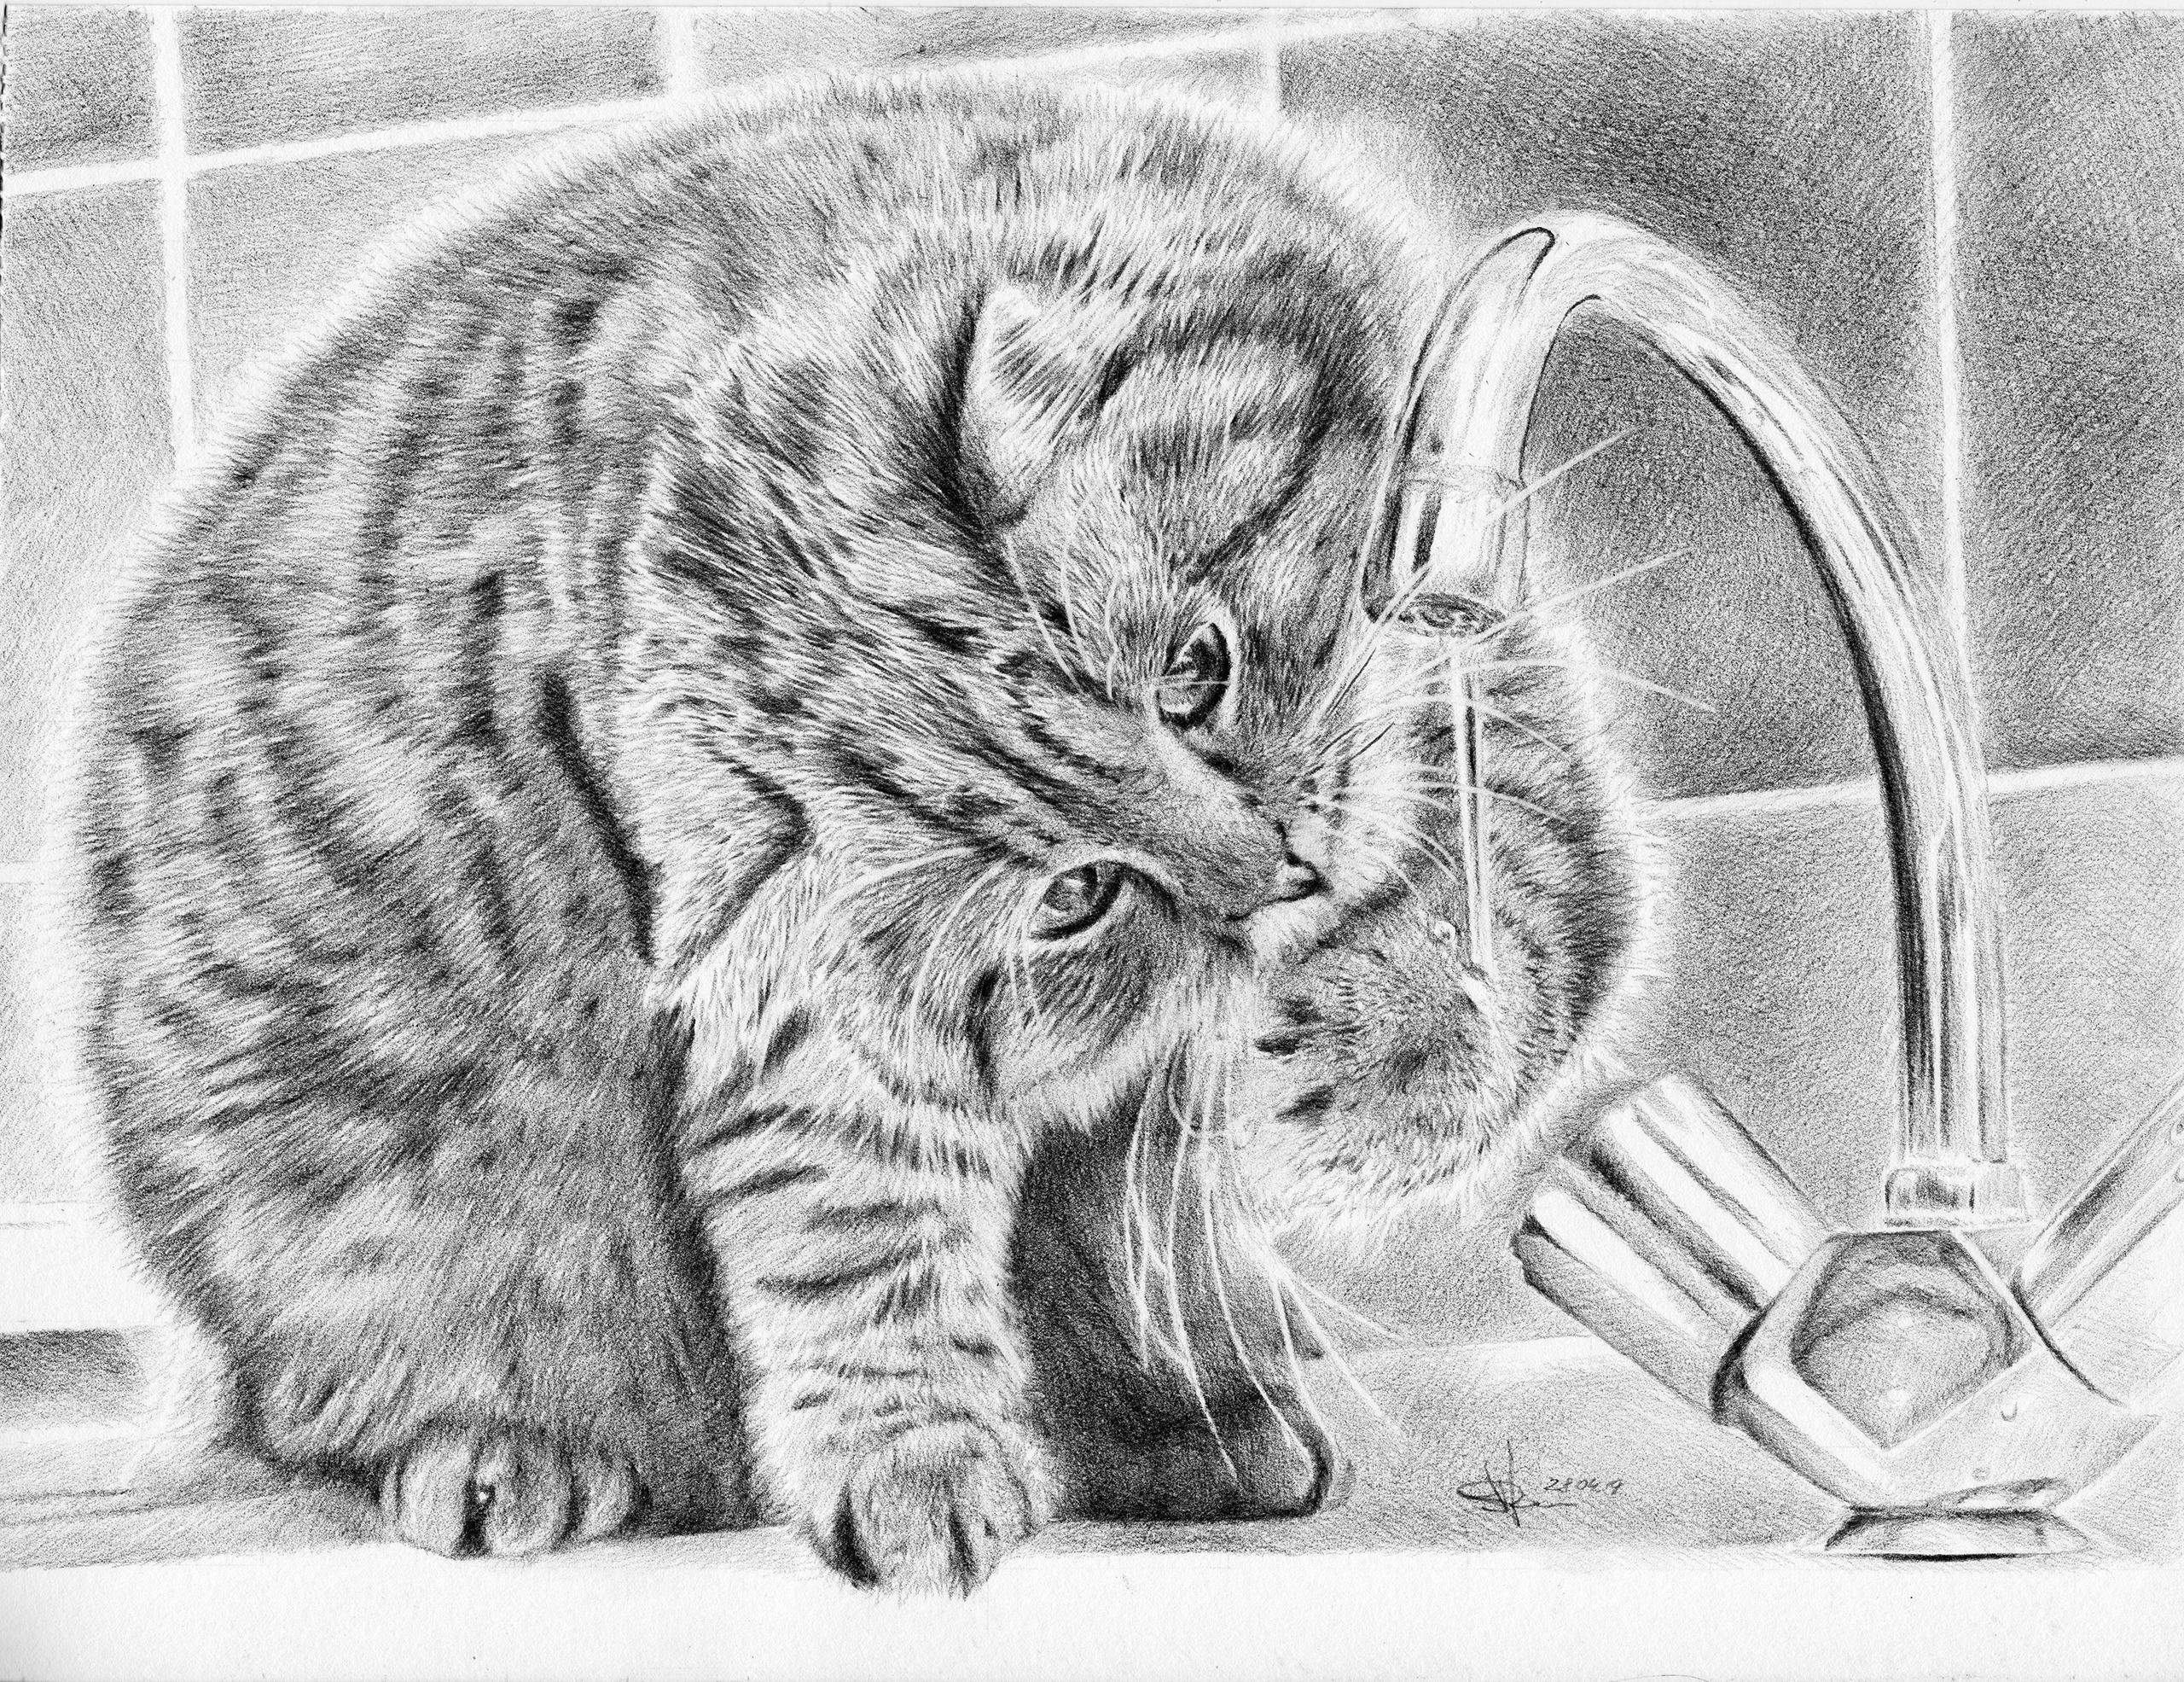 Фото Котик пьет воду из крана